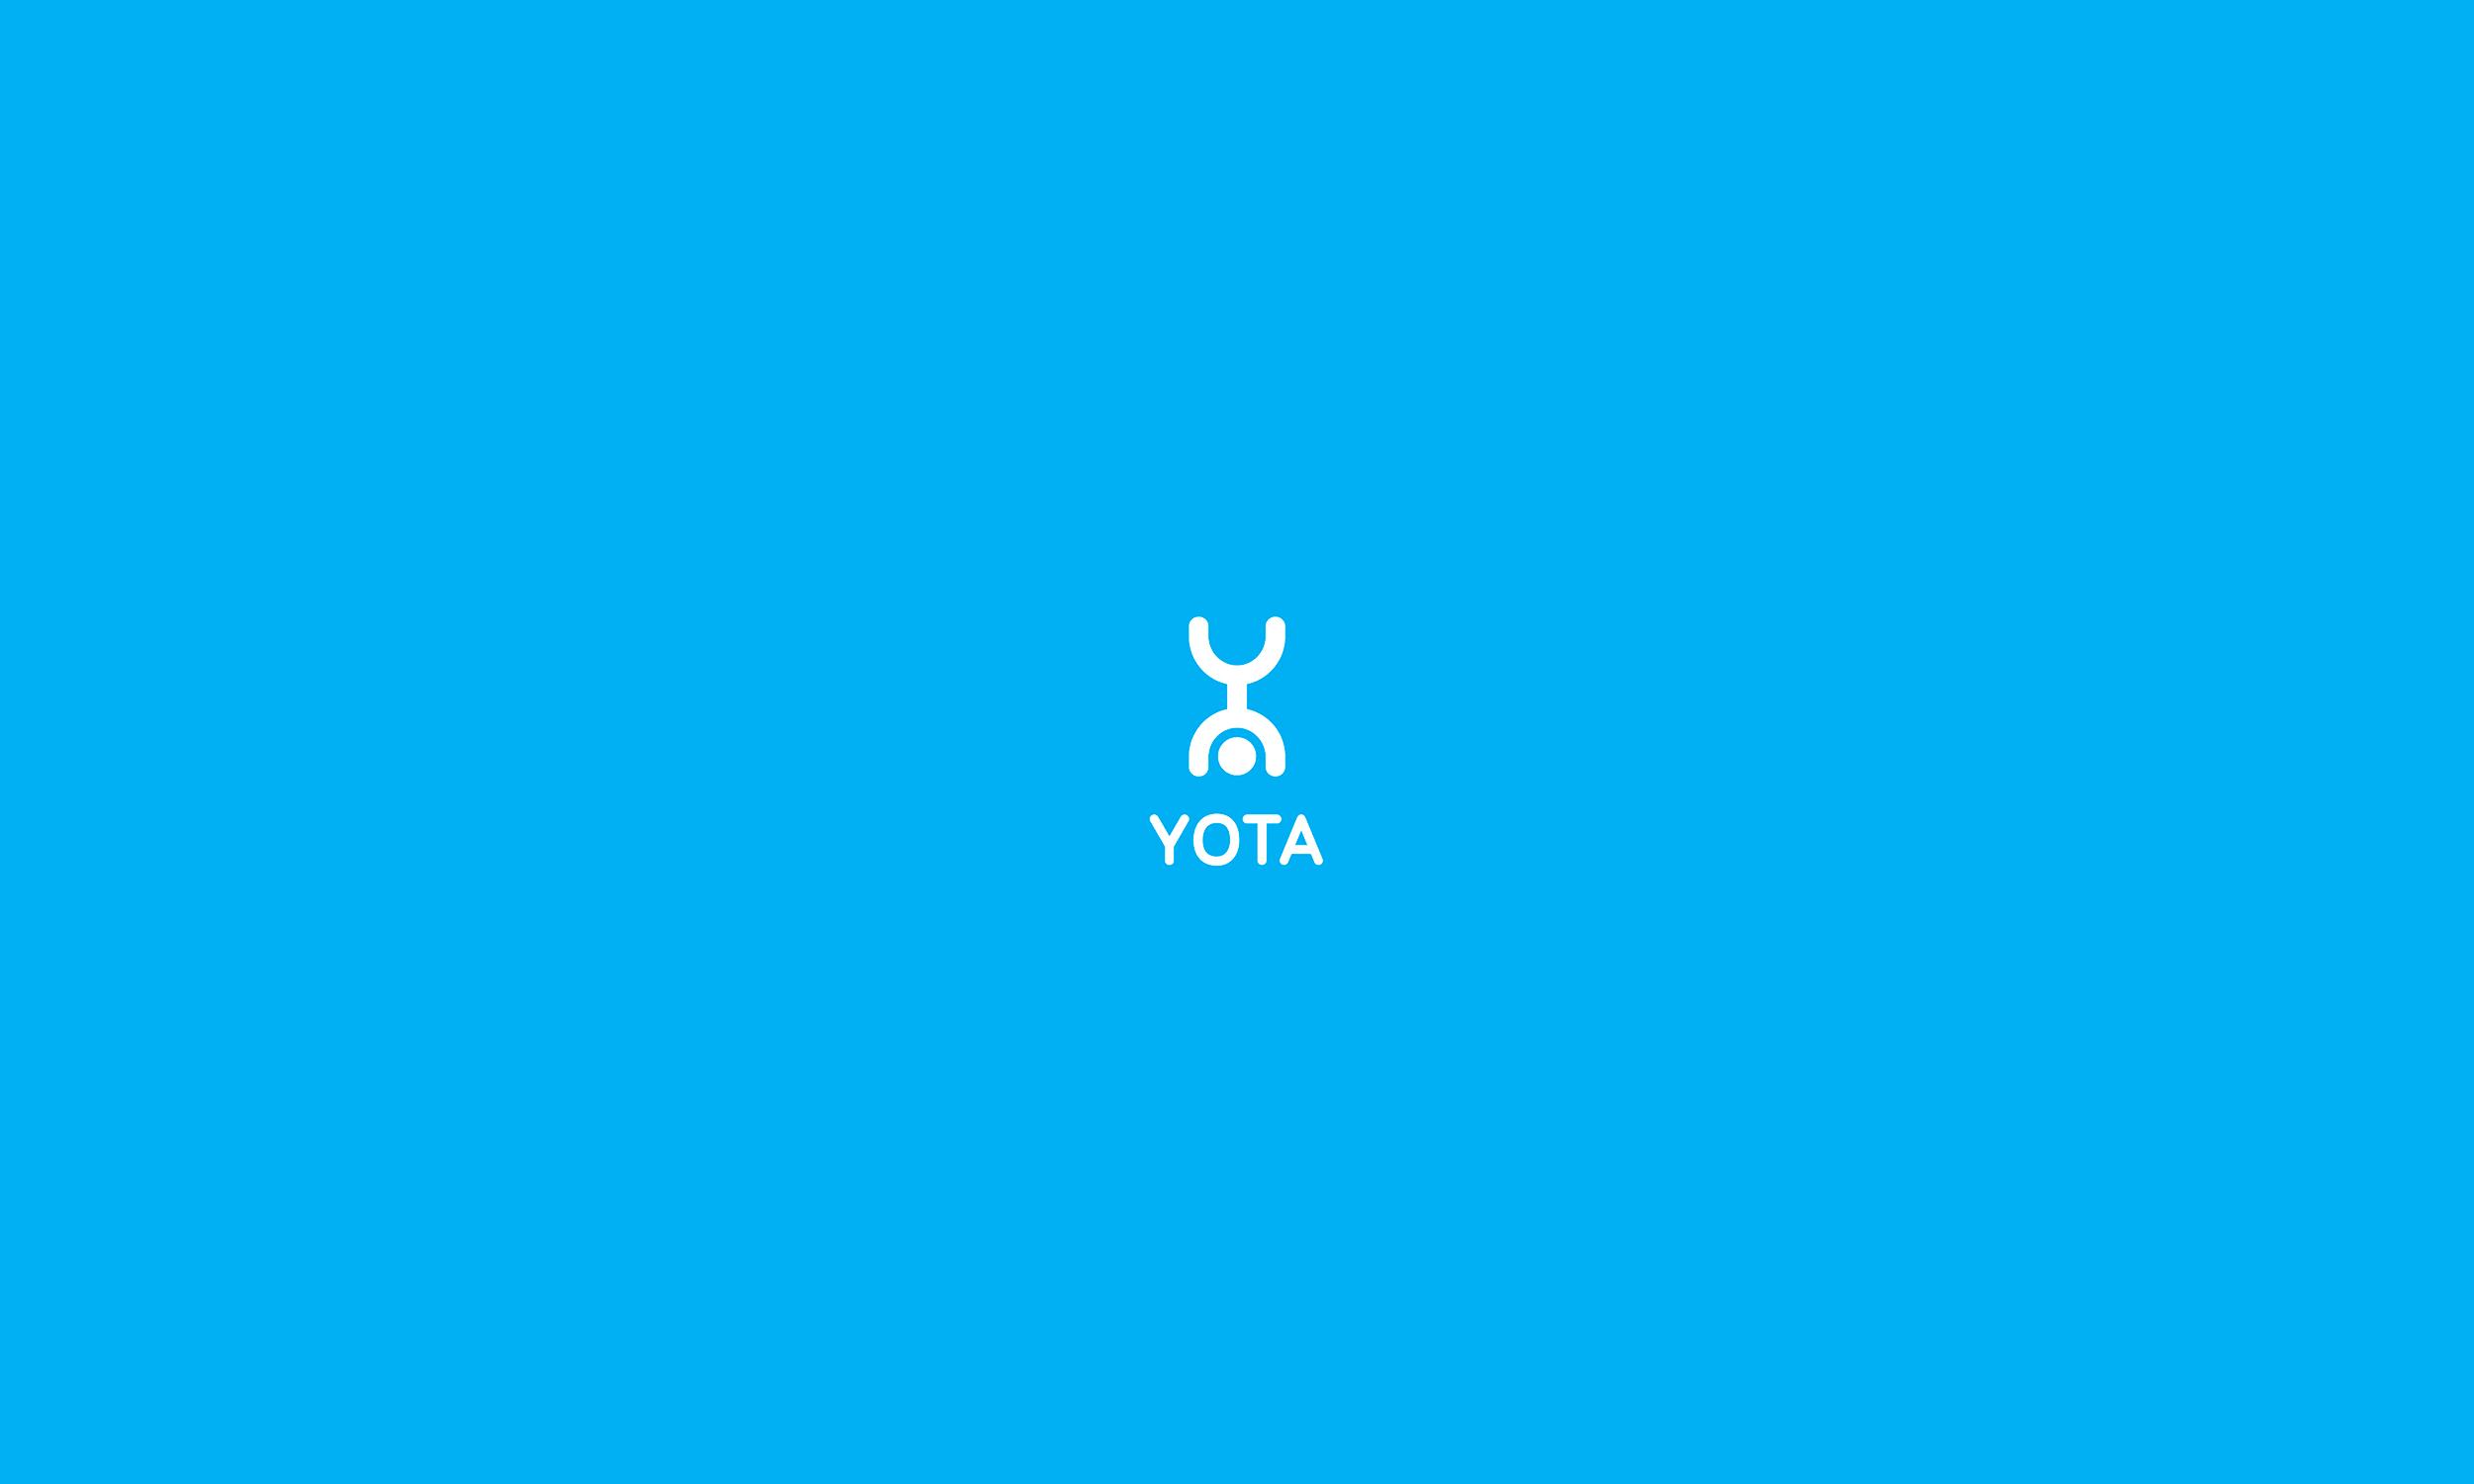 Yota-system лучший беспроводной Интернет 4G